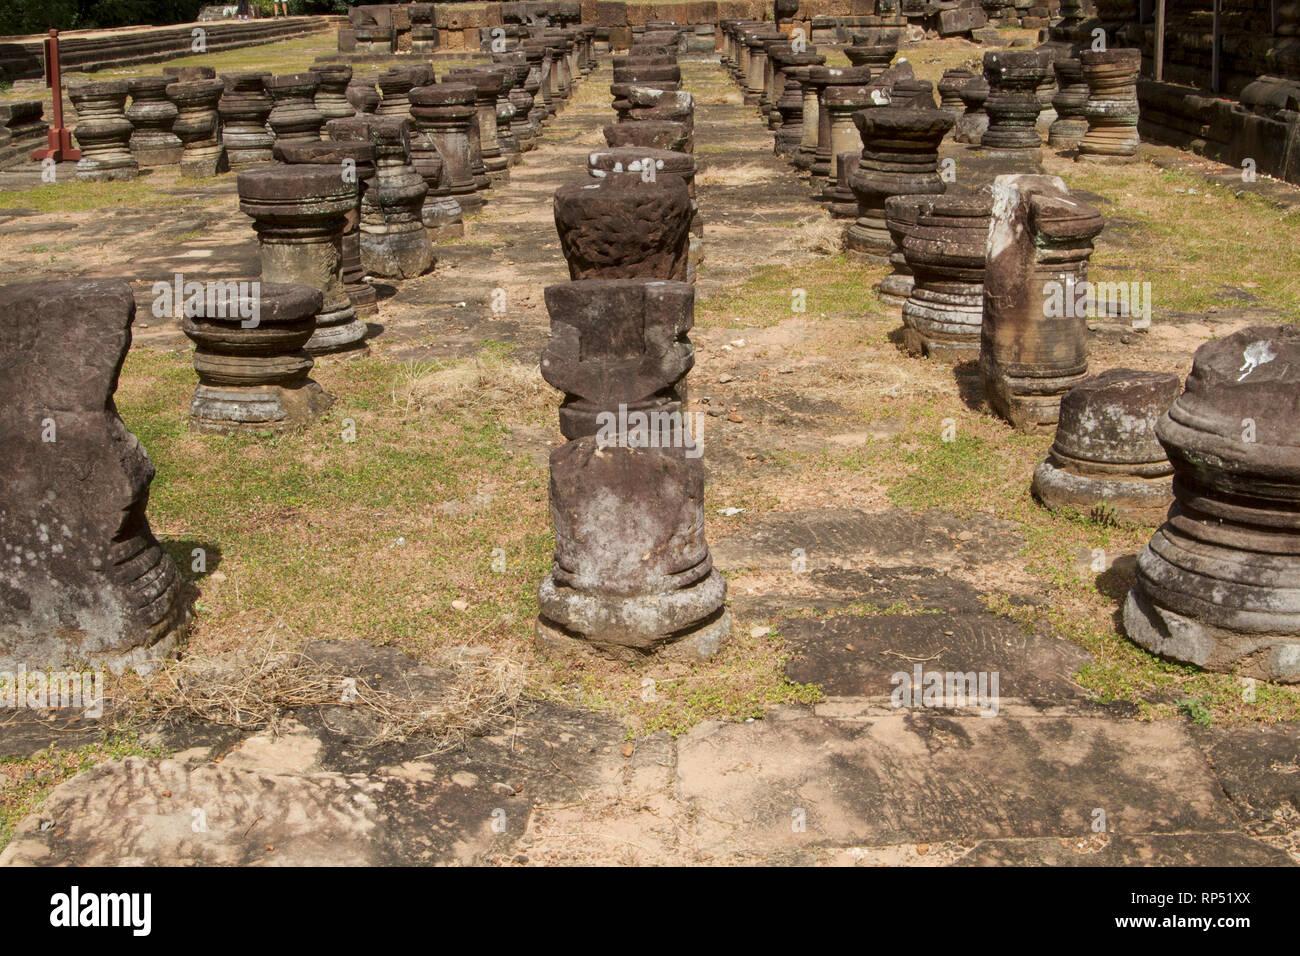 Siem Reap-Baphuon temple columns path 1 - Stock Image